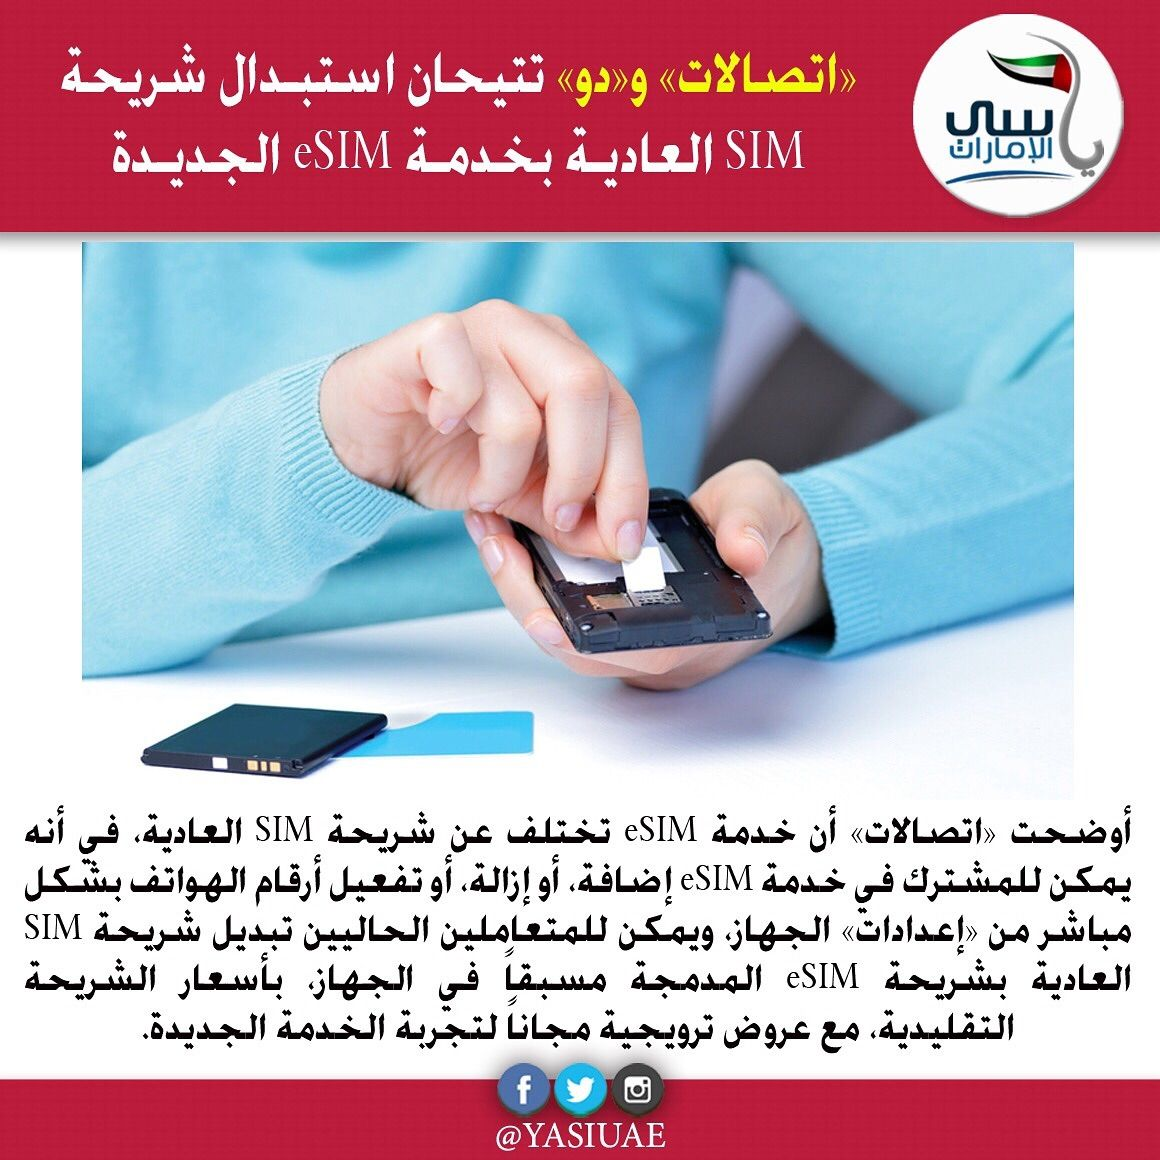 اتصالات أكدت مجموعة اتصالات و دو التابعة لشركة الإمارات للاتصالات المتكاملة وجود إقبال كبير من المشتركين على استخدام خدمة وشريحة إي سيم Esim ال Shopping